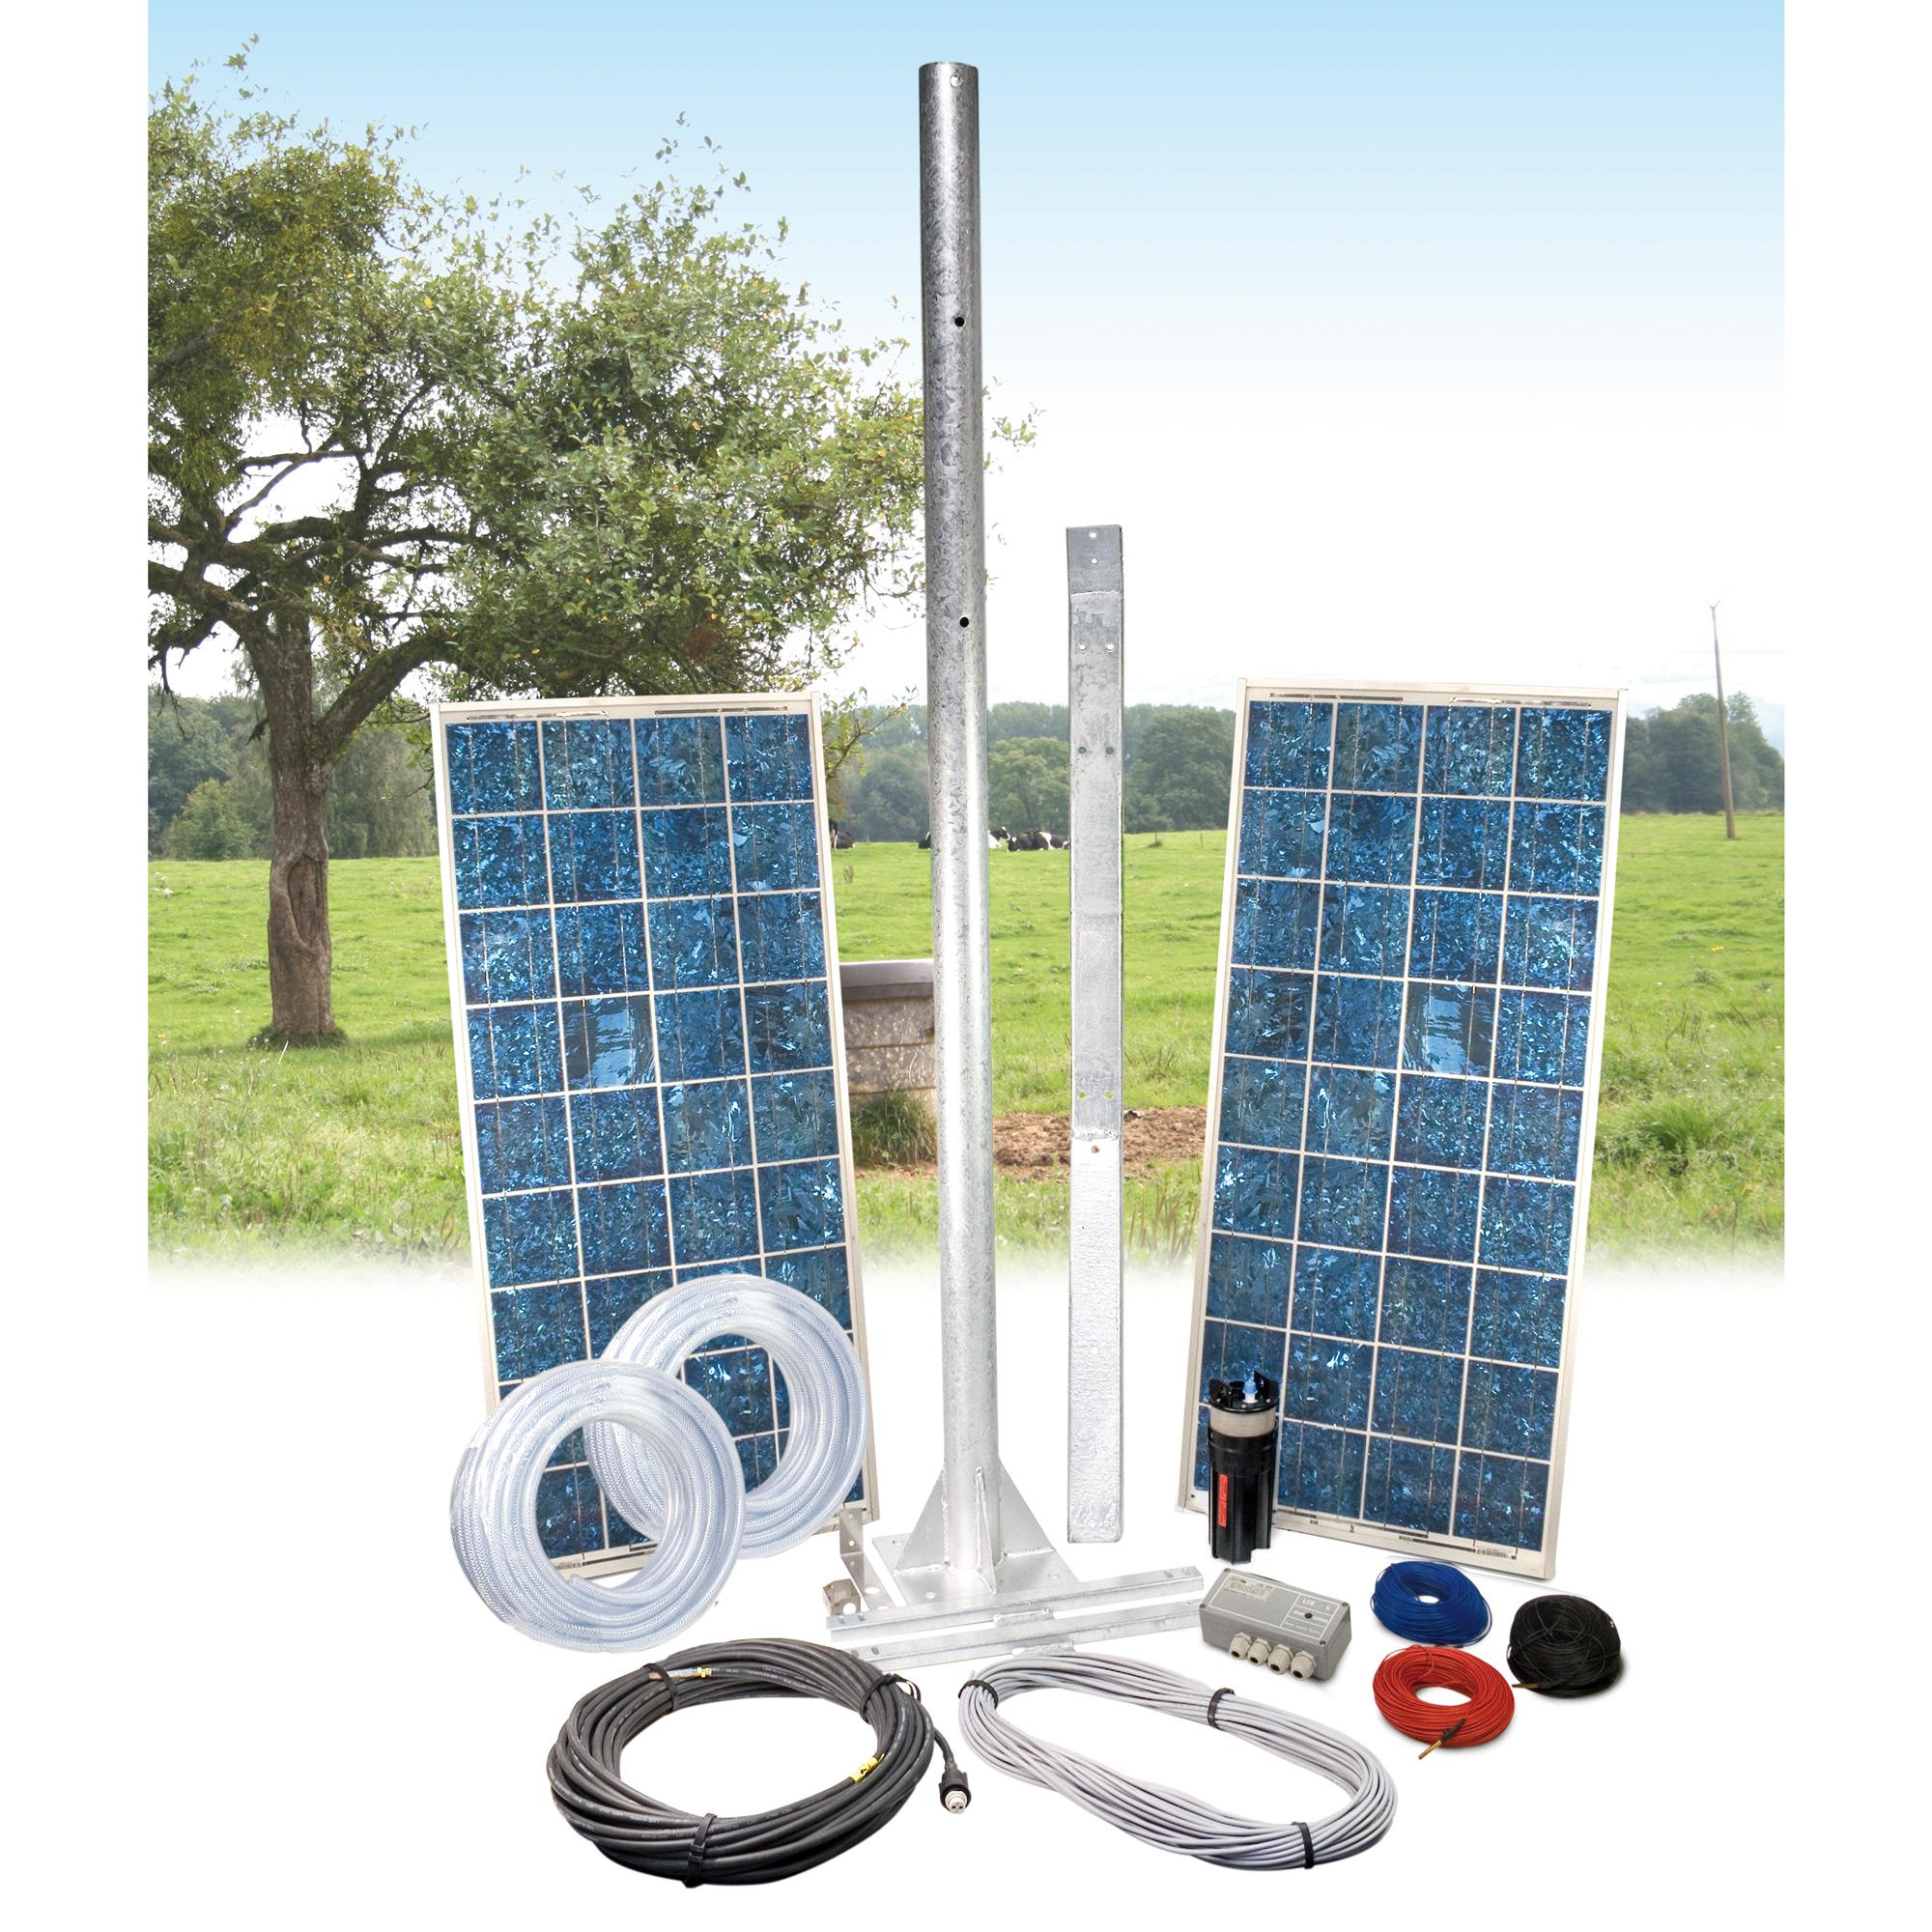 SOLAR-FLOW FIL-DU-SOLEIL 24V